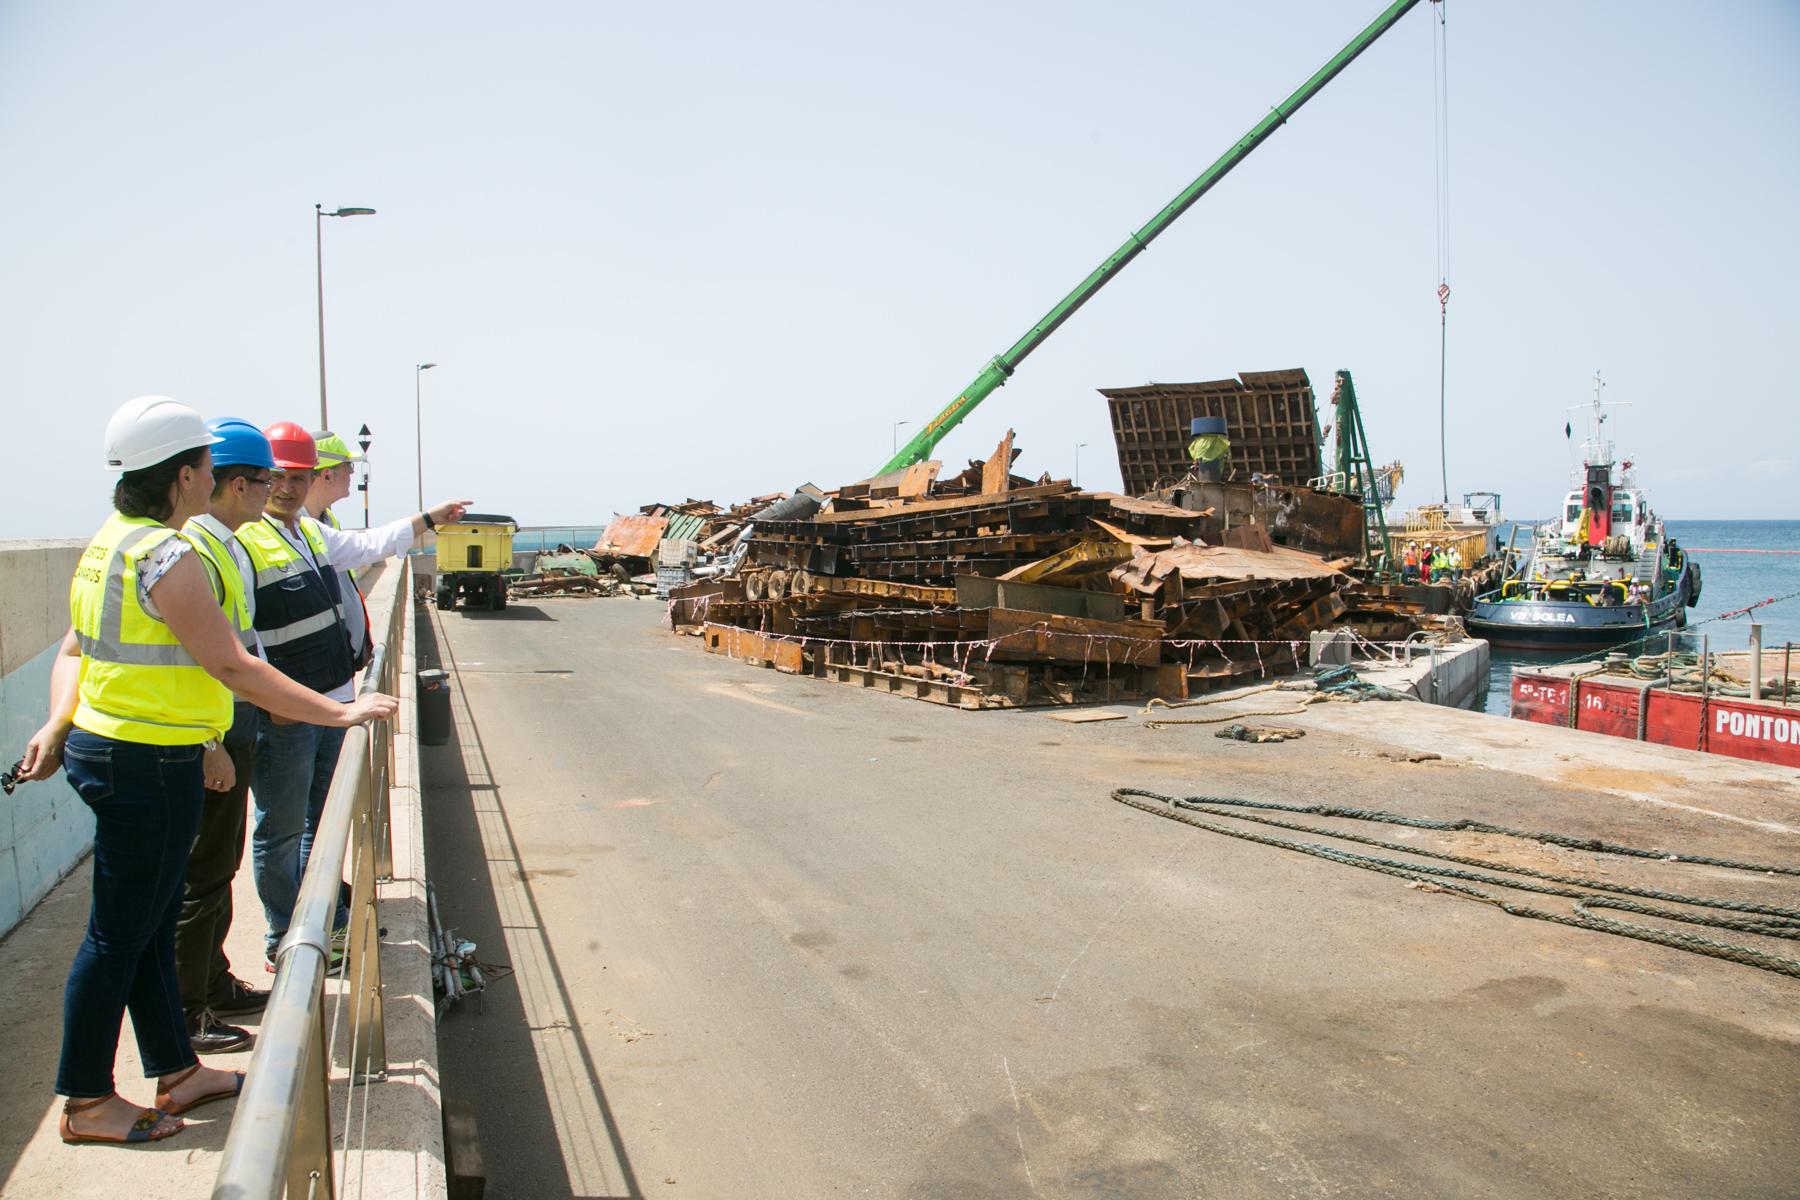 El traslado de las pontonas ubicadas en el puerto de gran for Oficina virtual gobierno de canarias